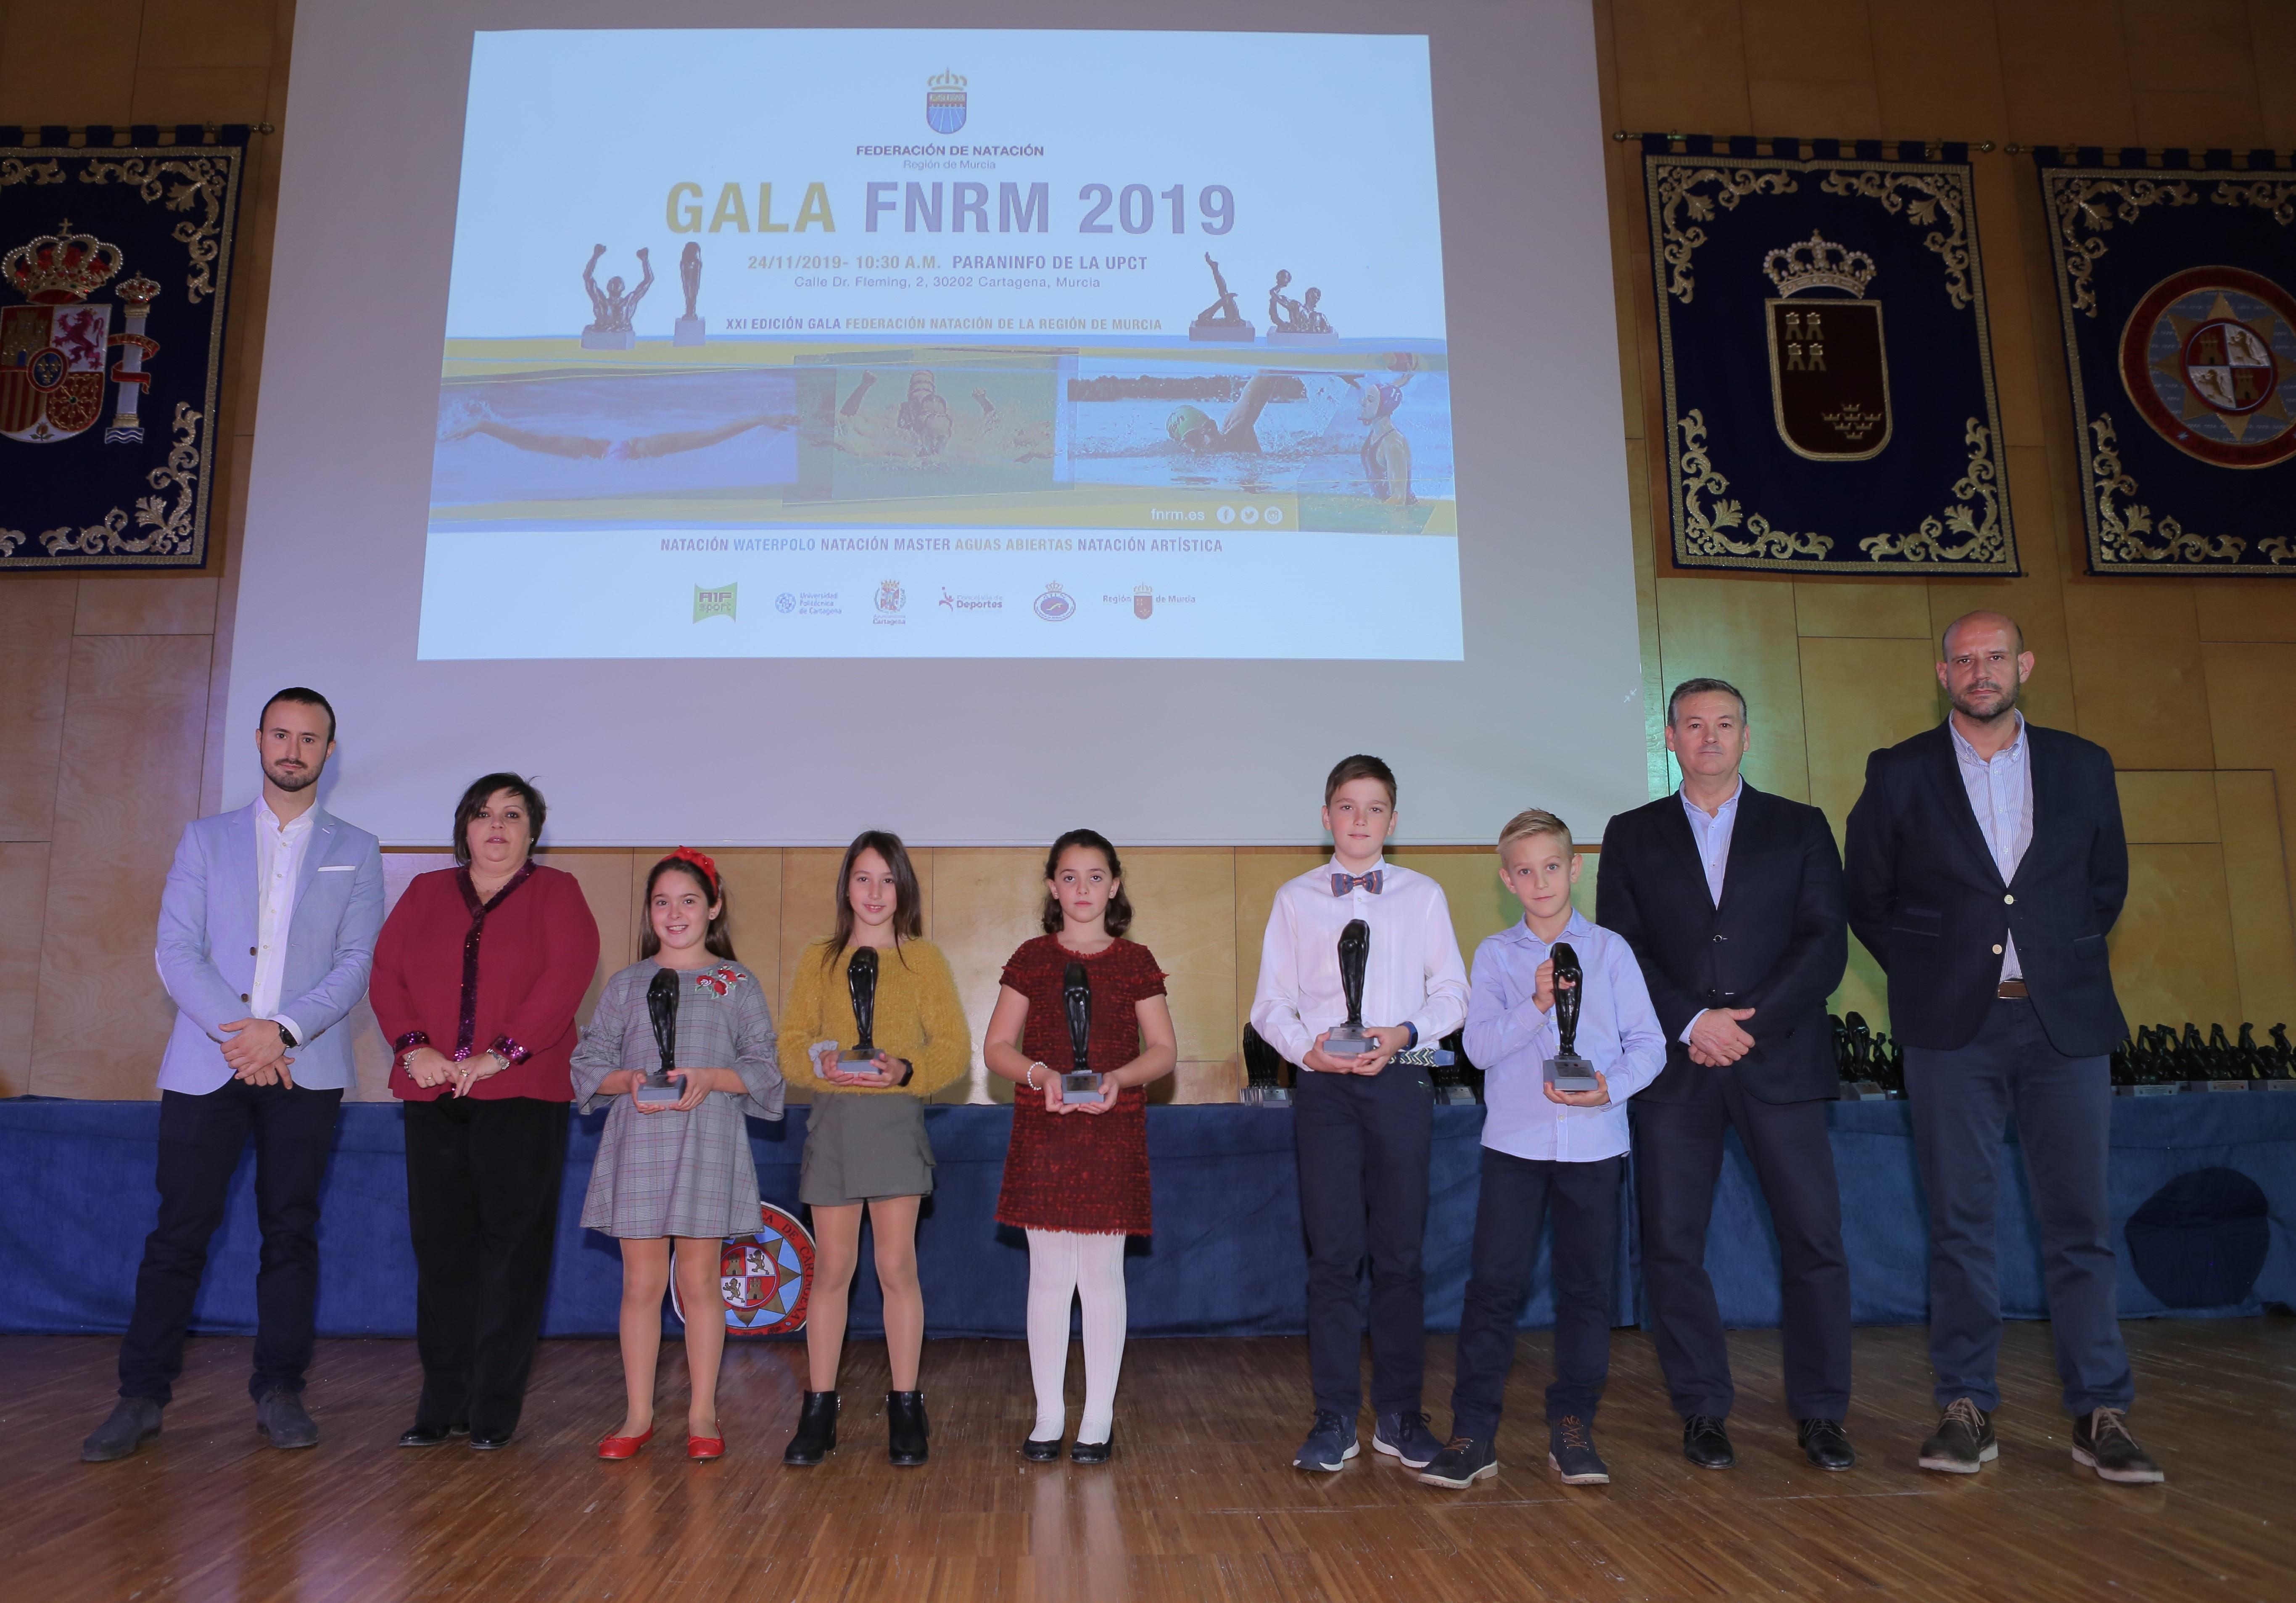 GALA FNRM 2019 (48)